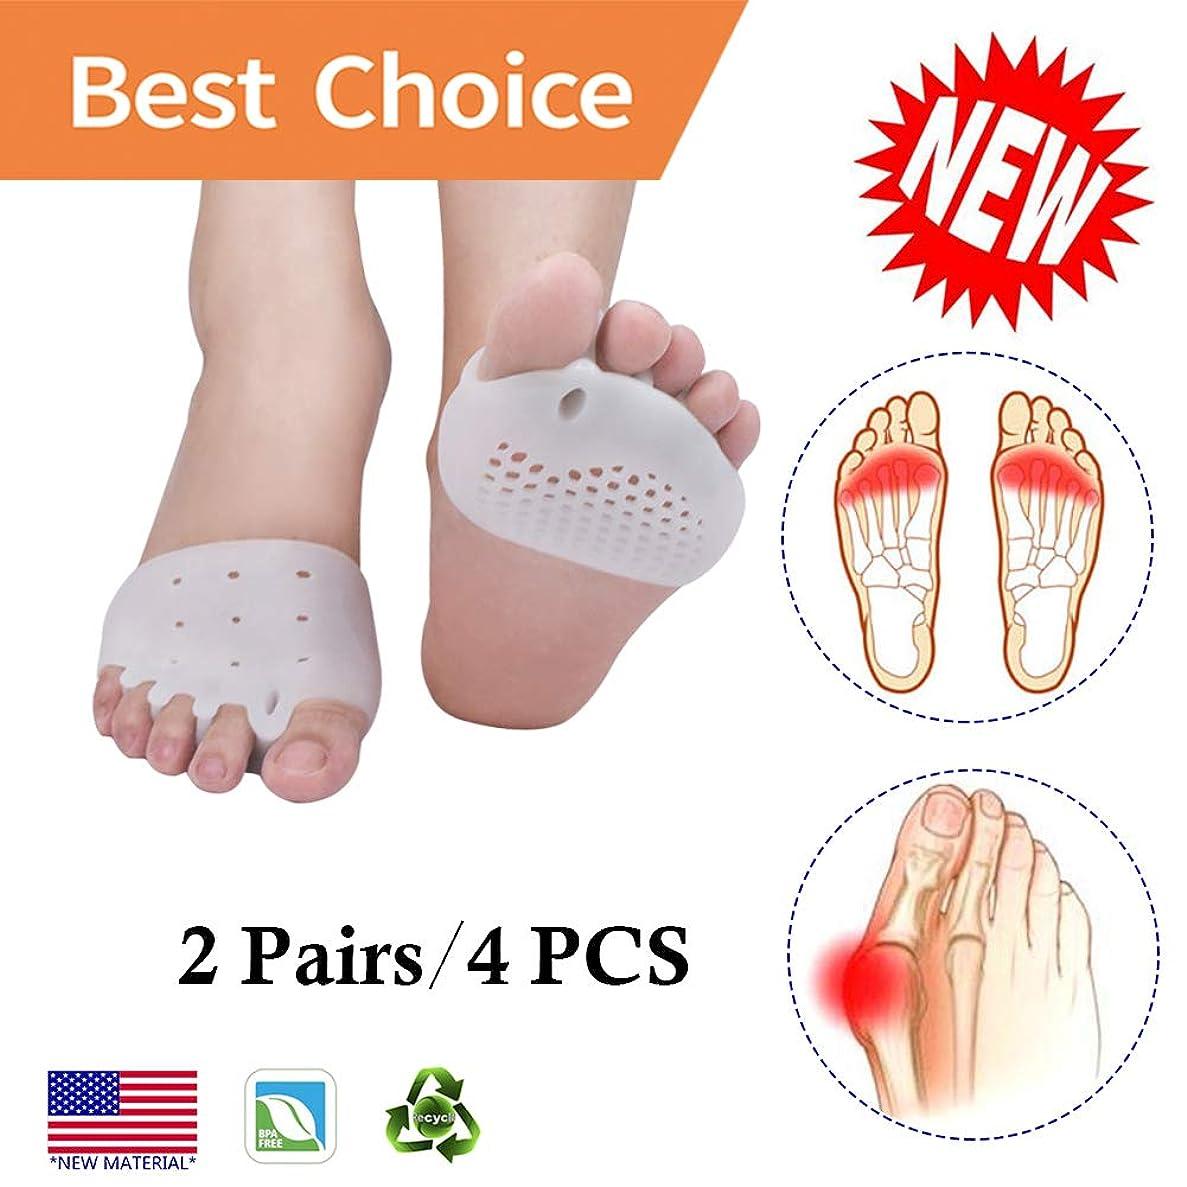 豚揺れるとげのあるPnrskter 足裏保護パッド 中足前足パッド 通気性 柔らかい ジェル 糖尿病の足に最適 カルス 水疱 前足痛 男性のための両方の足に使用することができます (白(6ピース))